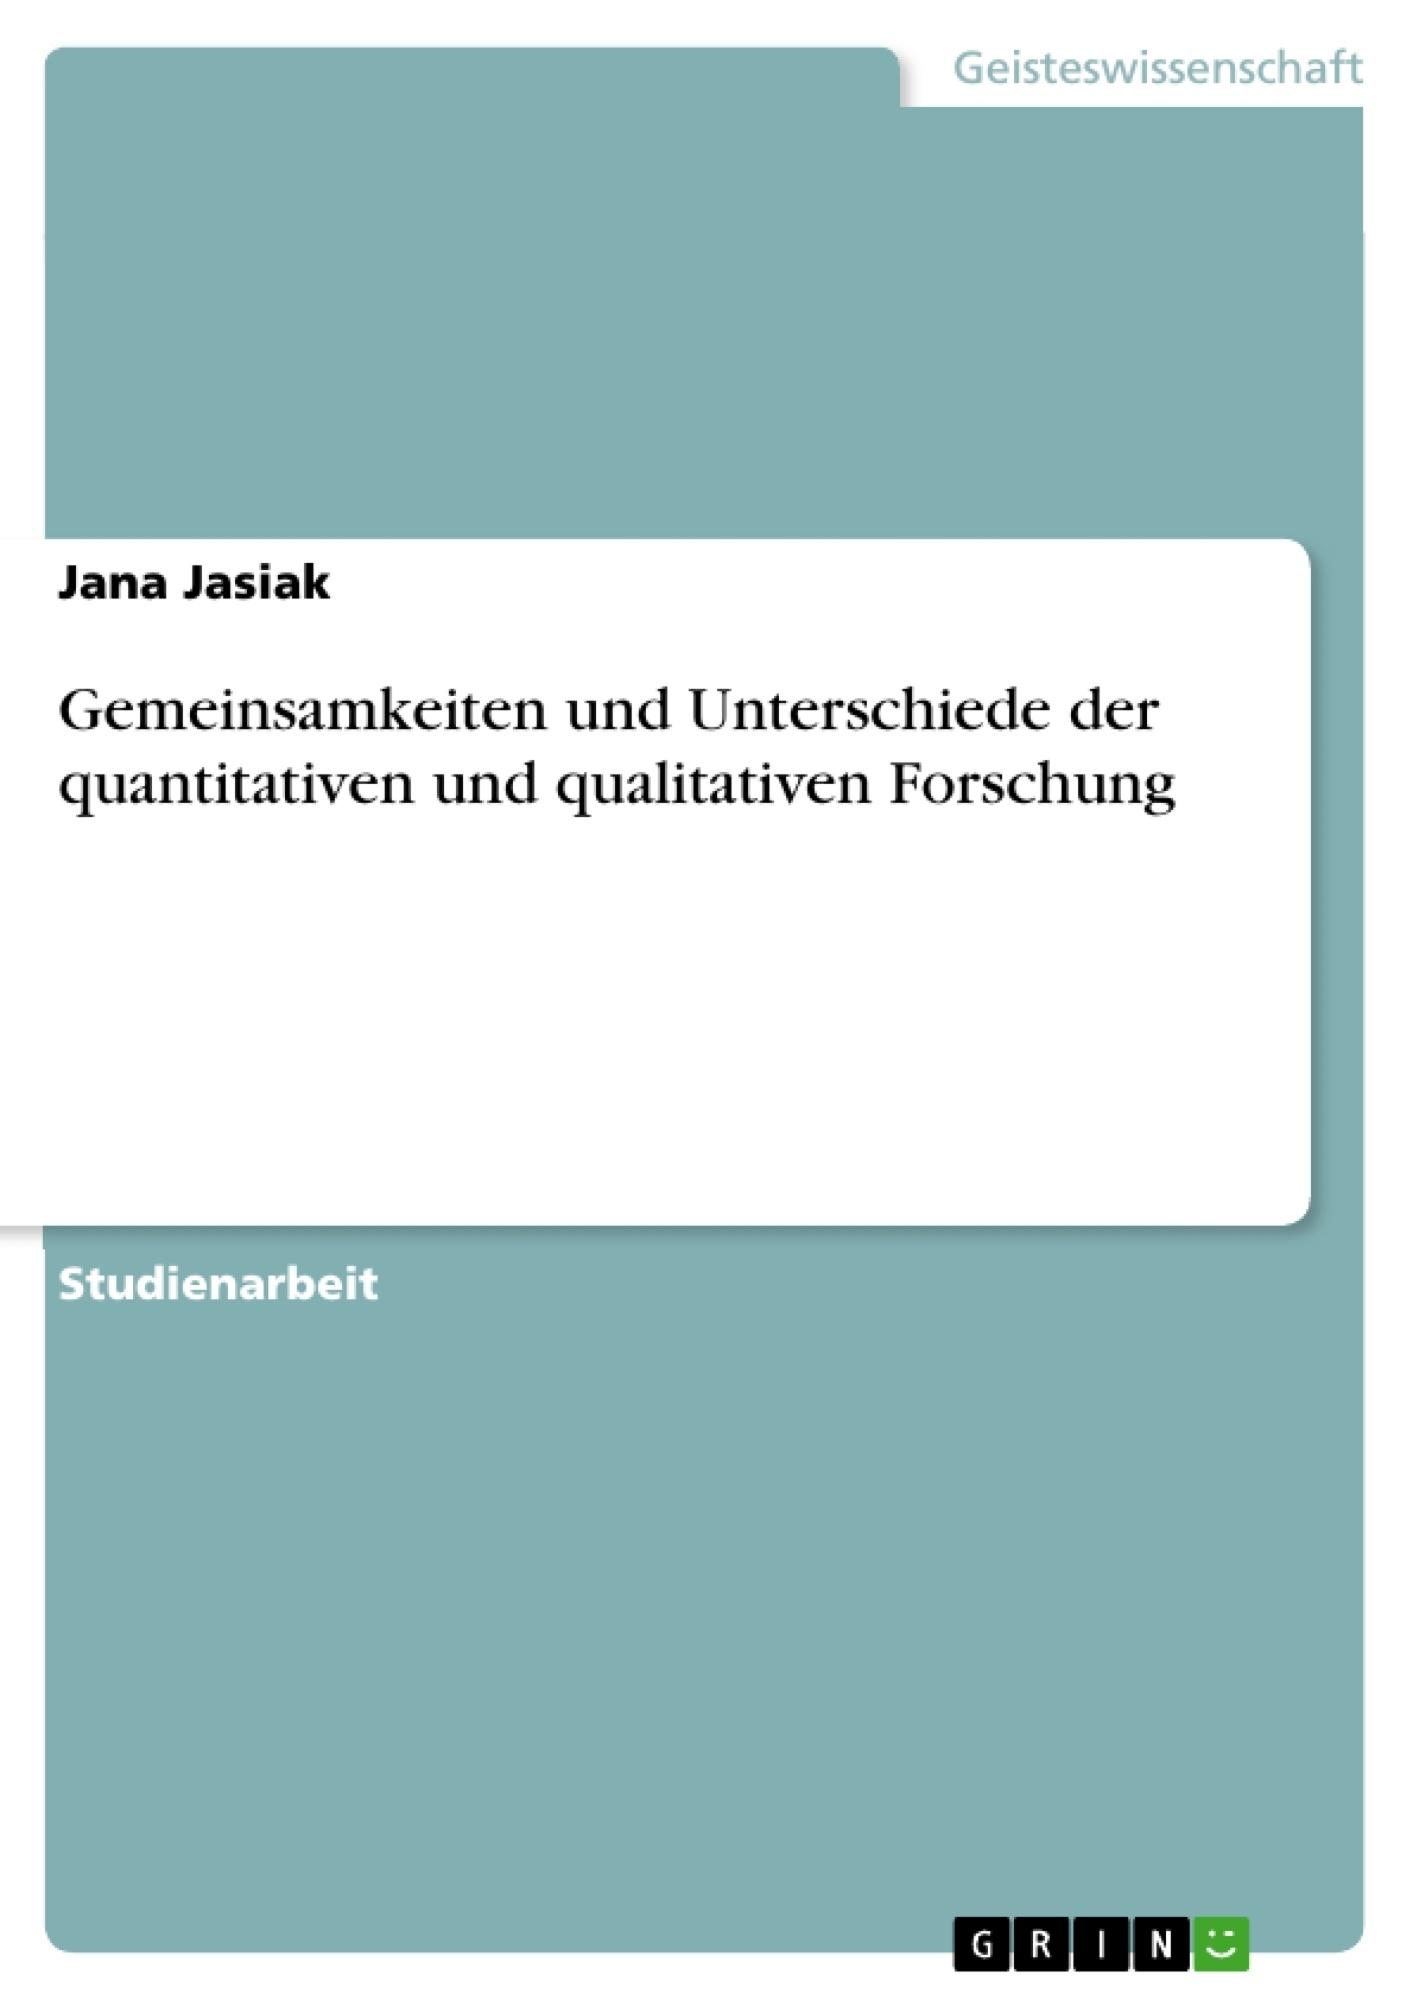 Titel: Gemeinsamkeiten und Unterschiede der quantitativen und qualitativen Forschung